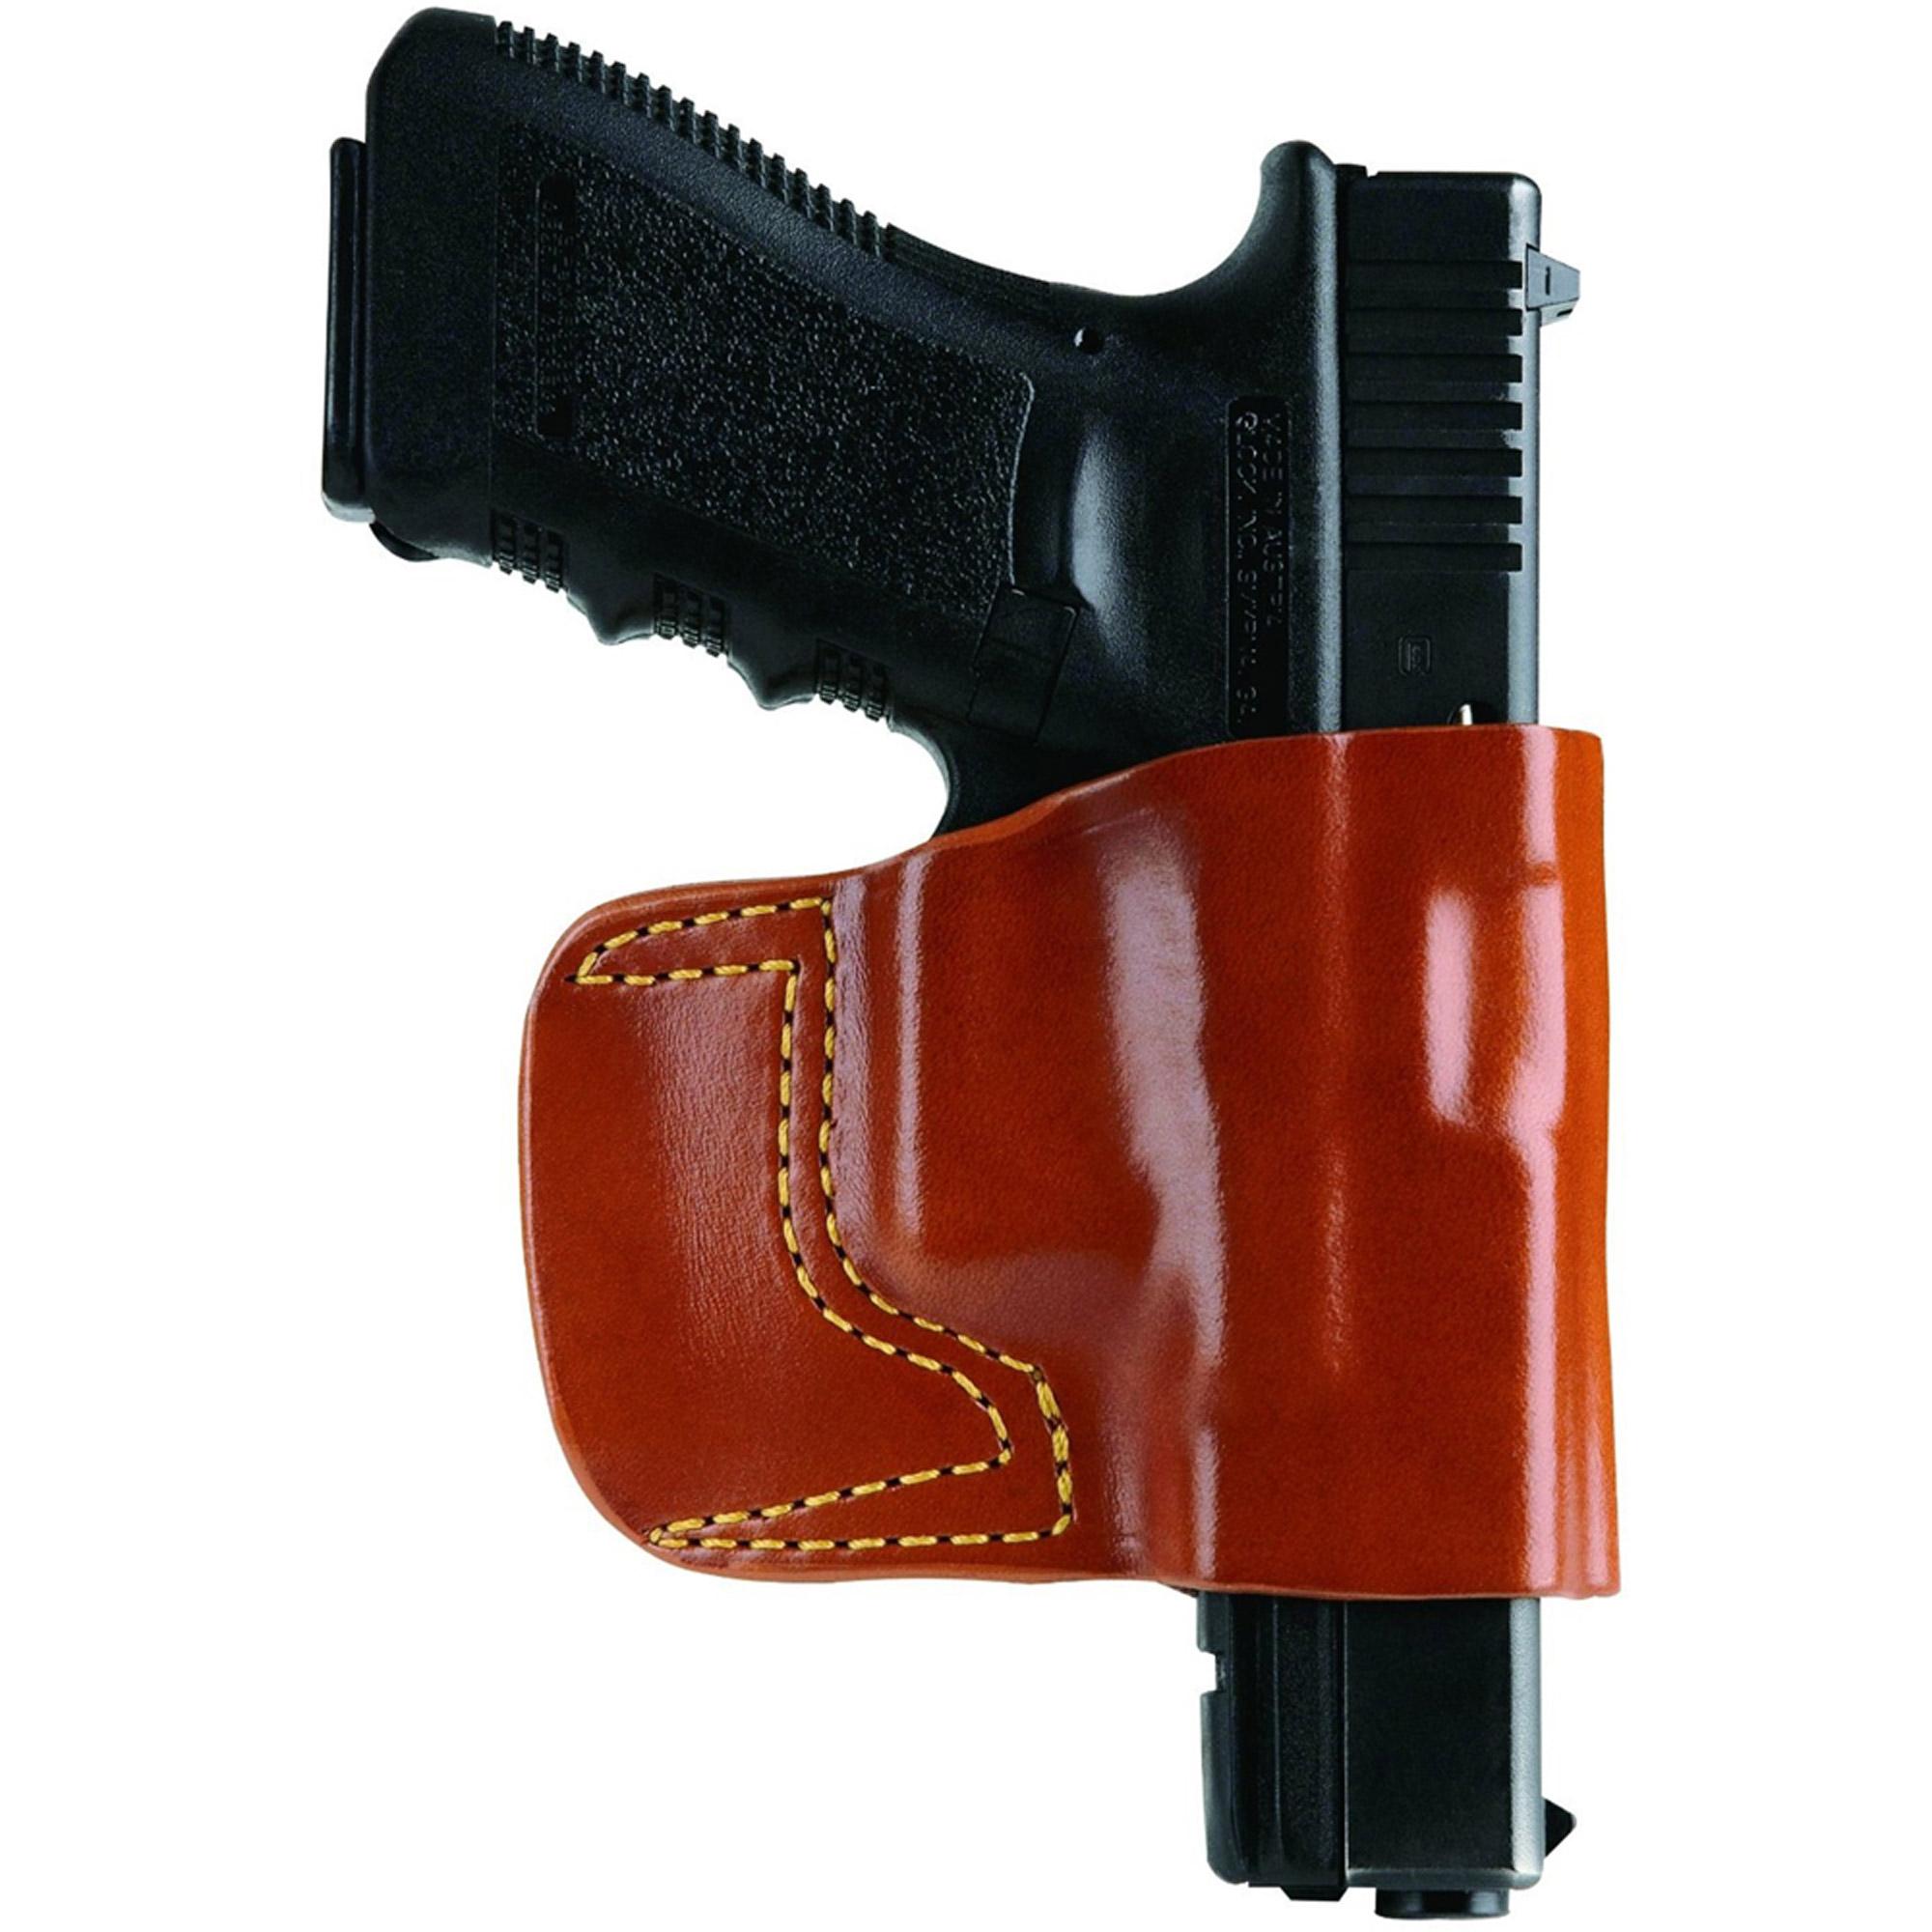 Gould and Goodrich 891-K40 Concealment Belt Slide Holster, Chestnut Brown